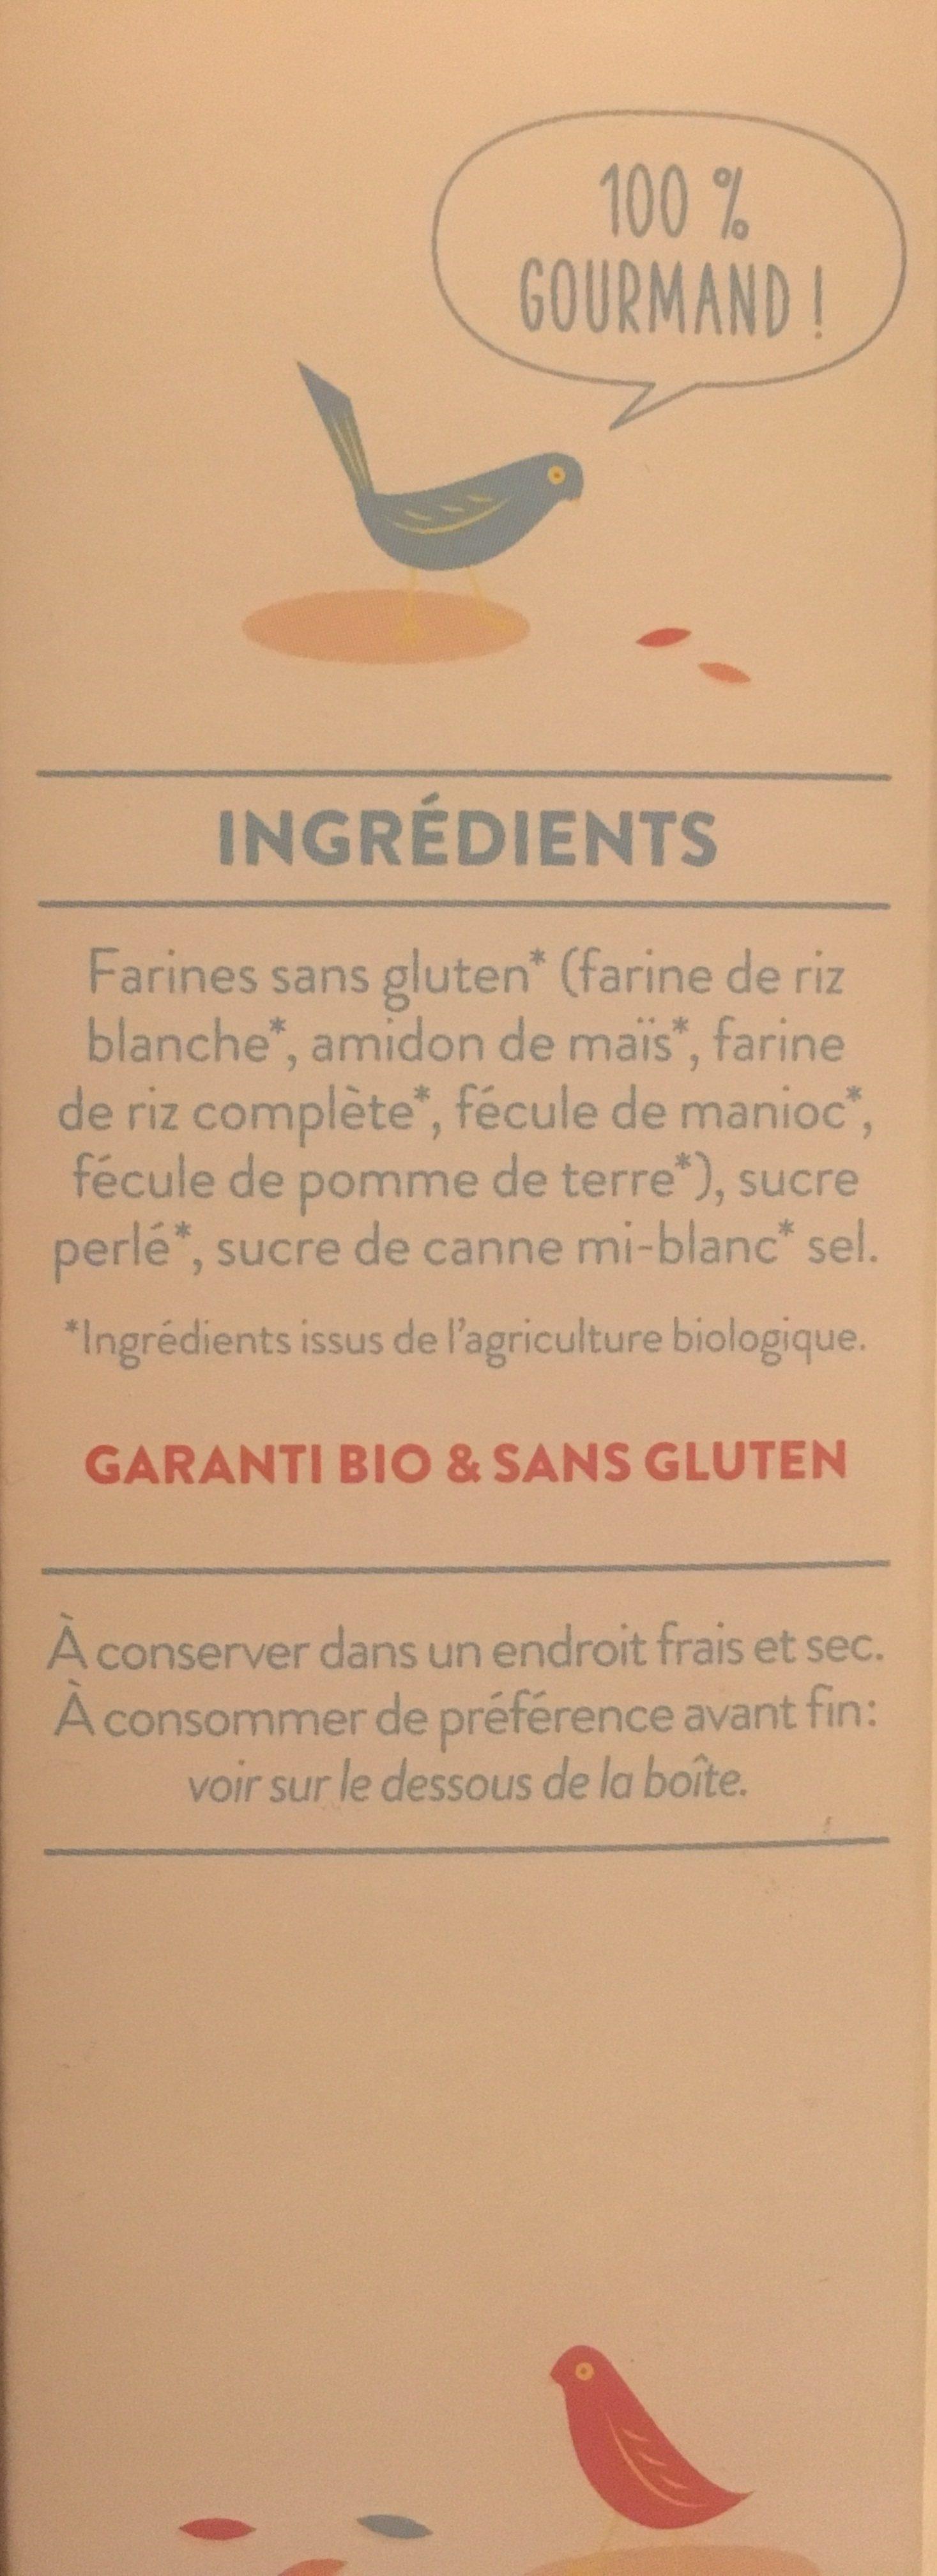 Preparation pour chouquettes - Ingredients